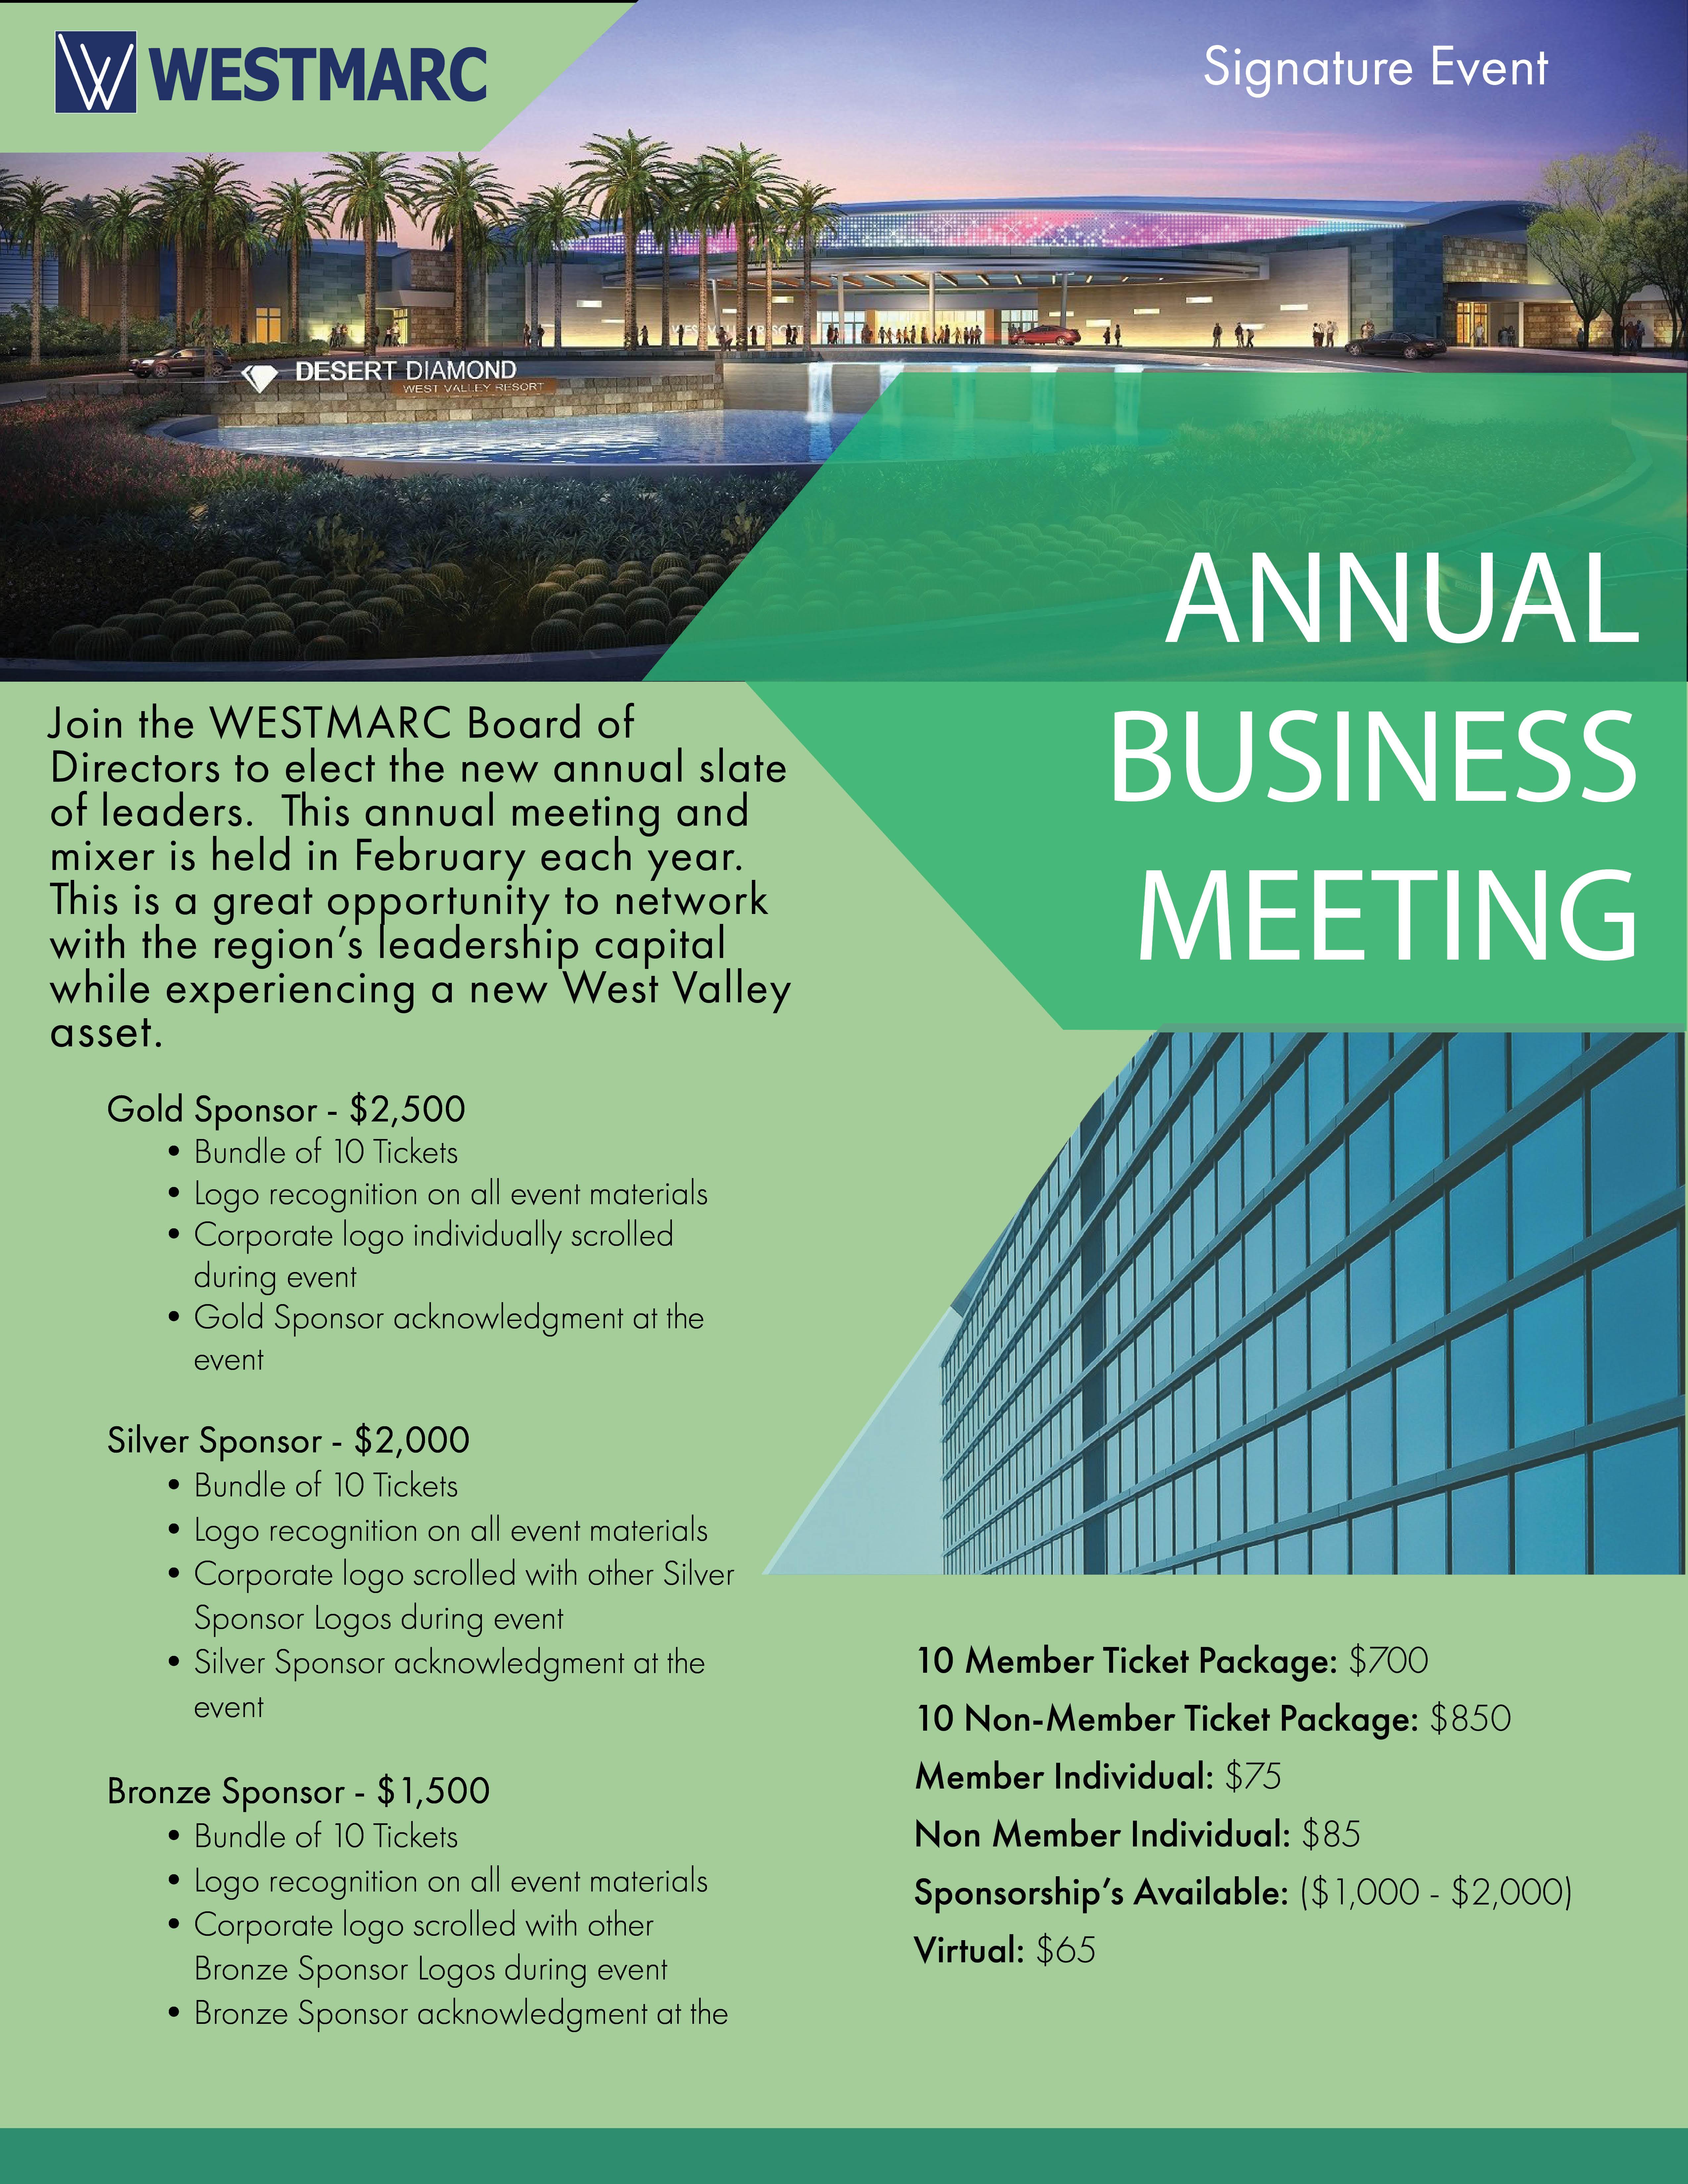 WESTMARC Annual Meeting